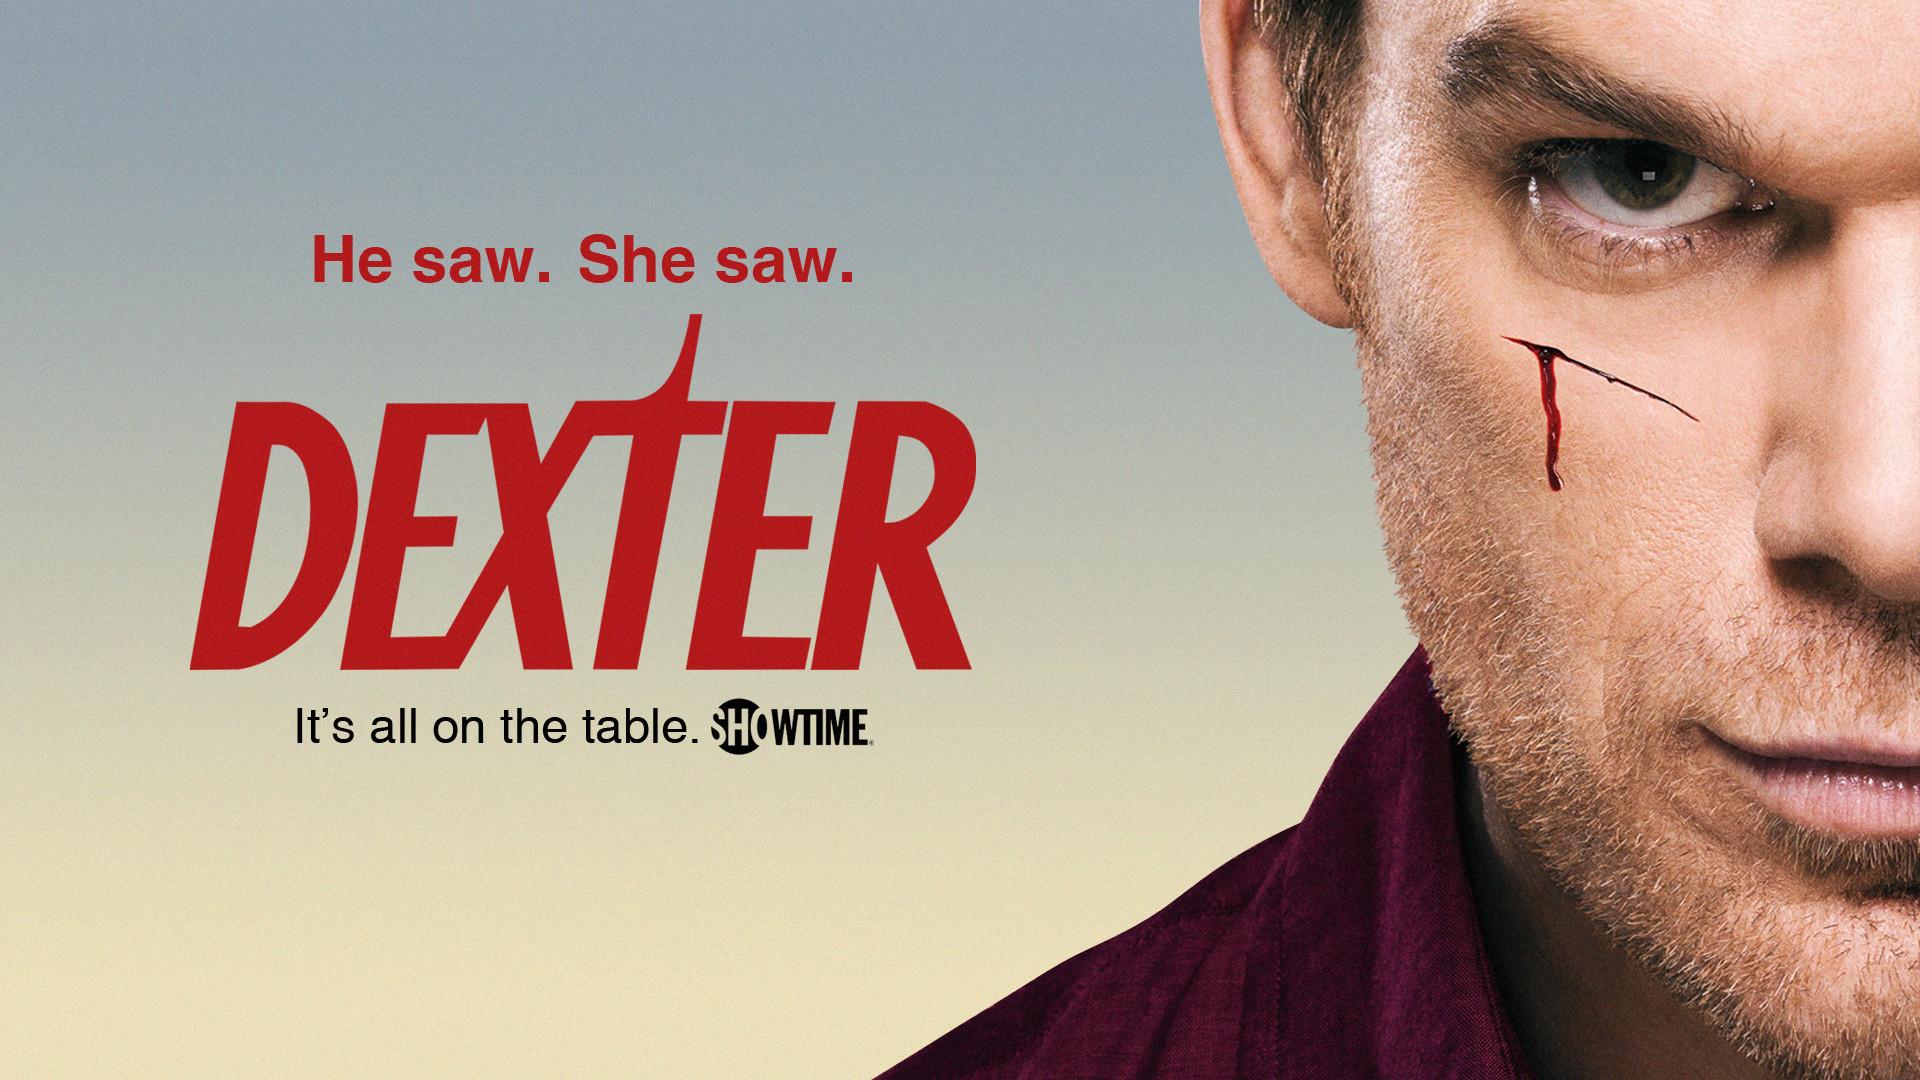 Dexter 1080 complete